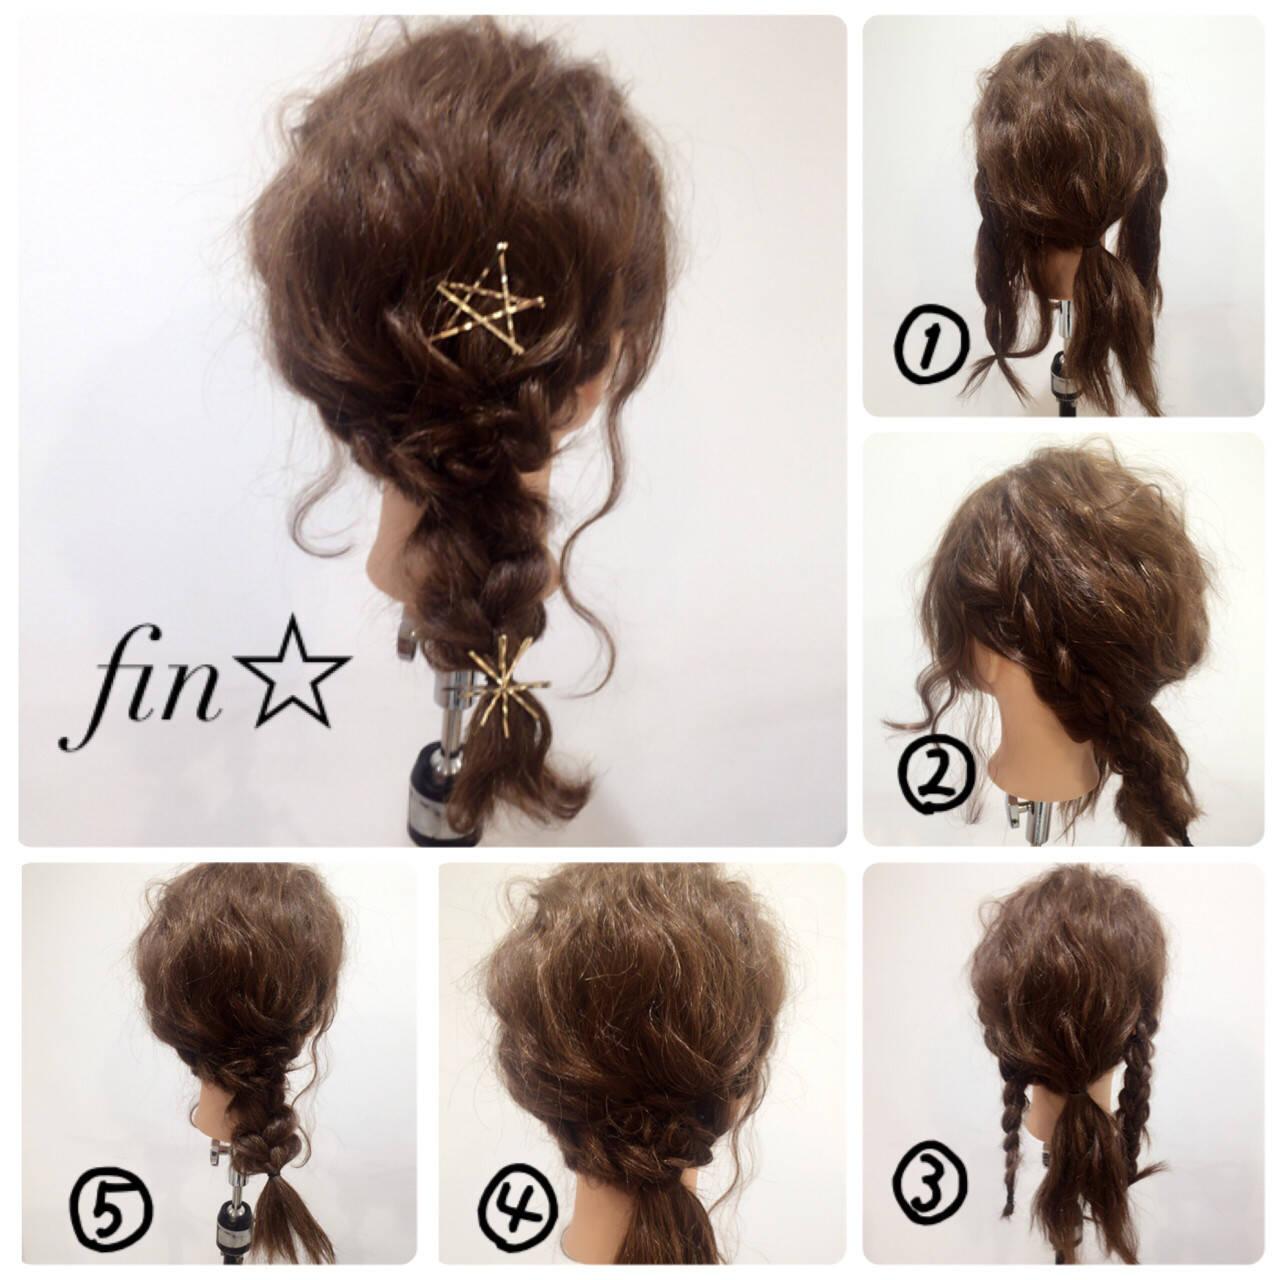 セミロング ヘアアレンジ 結婚式 簡単ヘアアレンジヘアスタイルや髪型の写真・画像